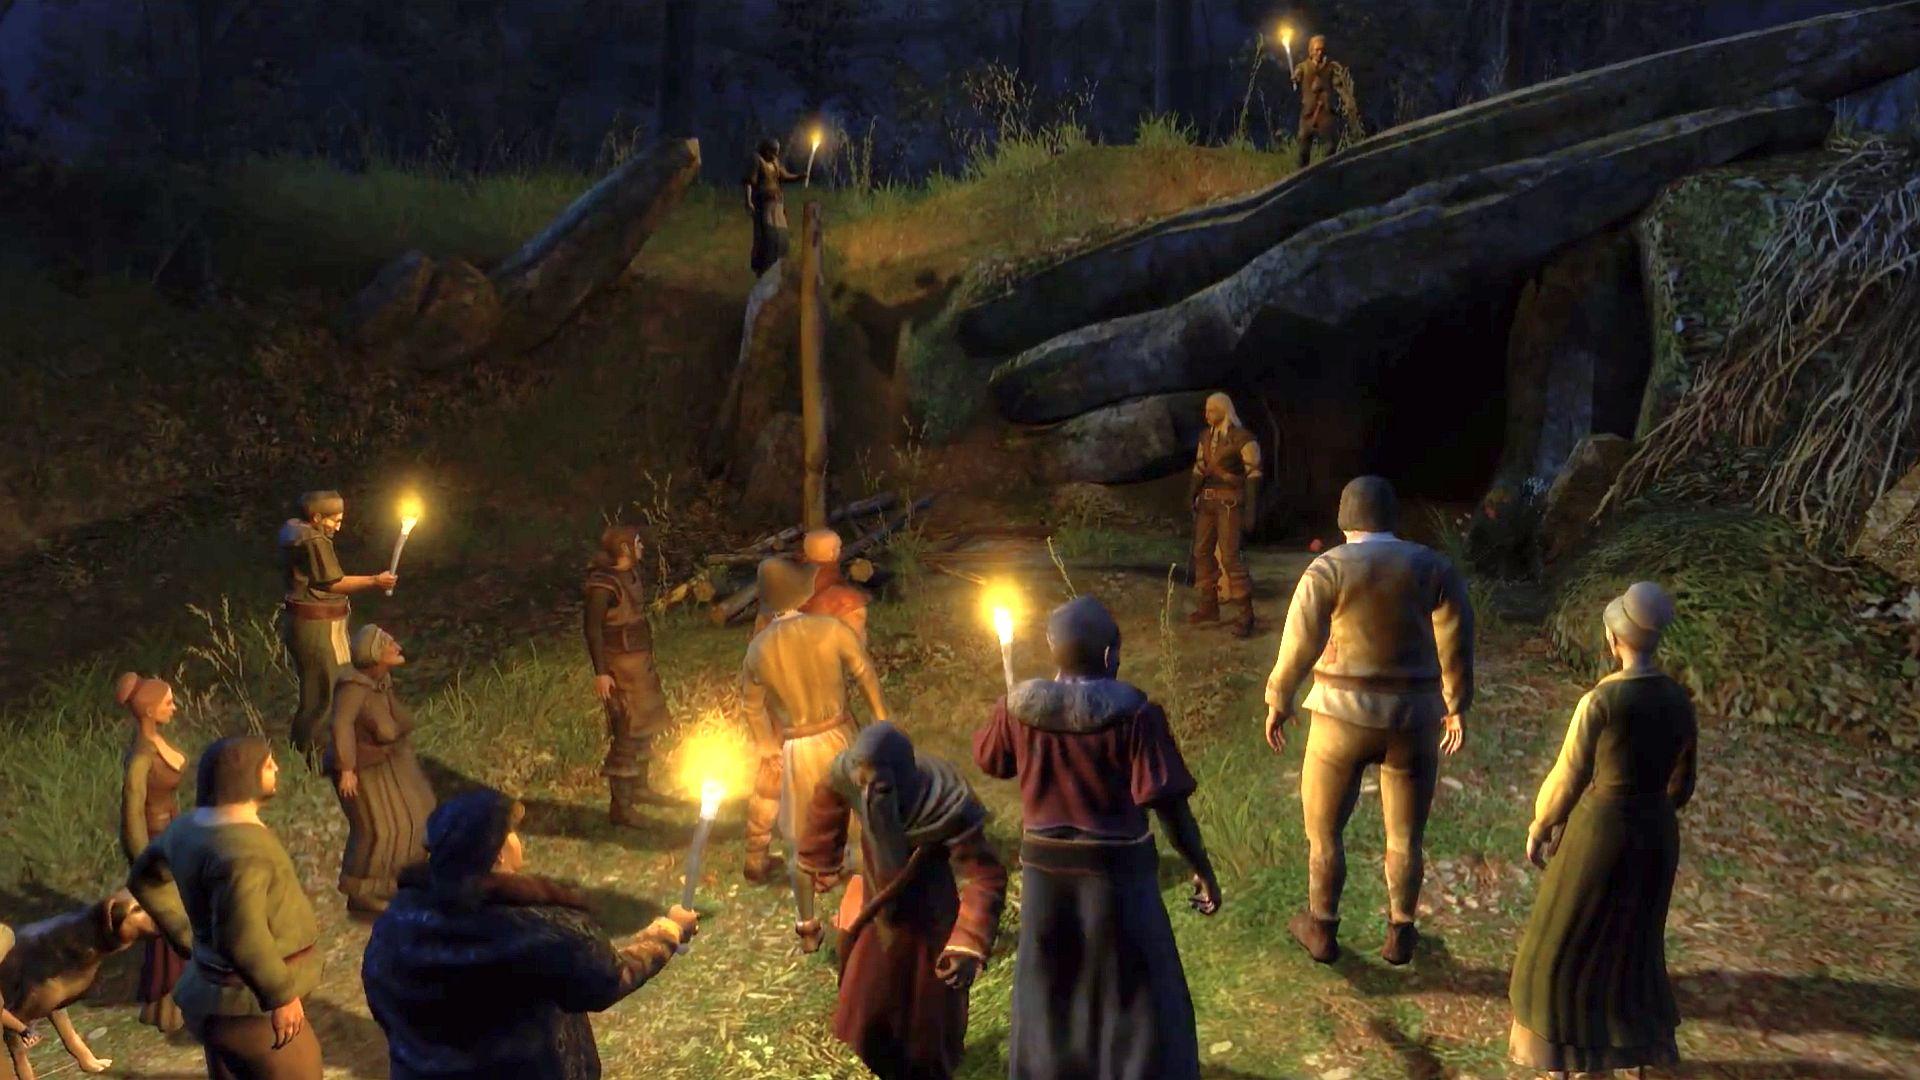 """Как раскрывался принцип """"меньшего зла"""" в трилогии игр The Witcher"""